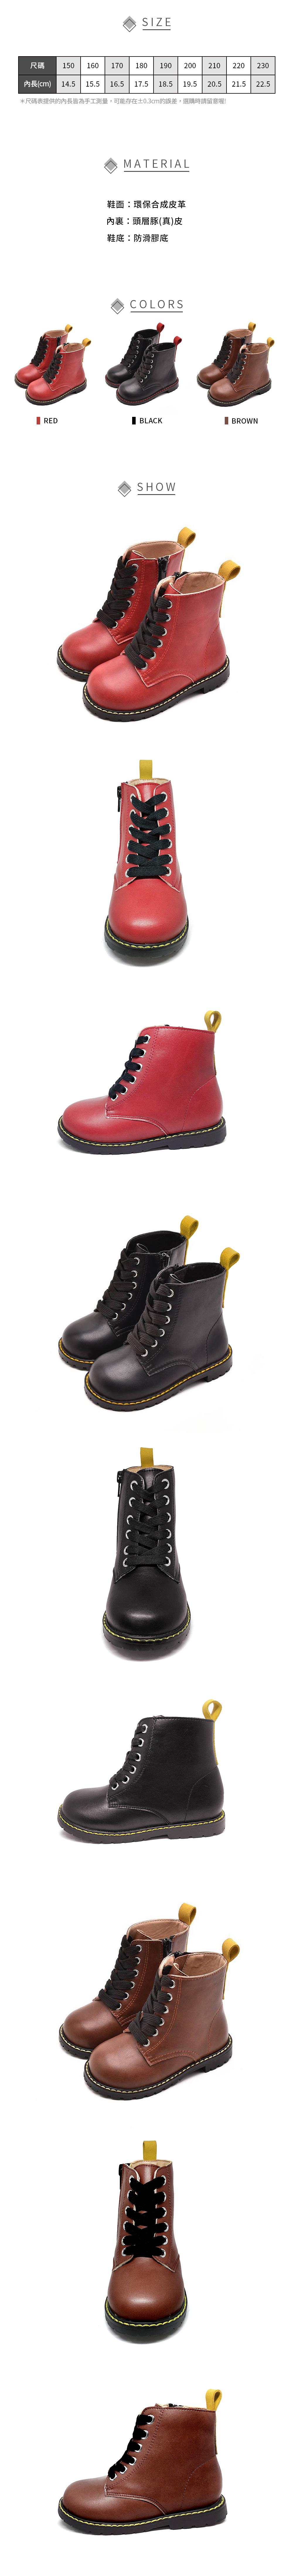 復古六孔靴商品頁深棕.png